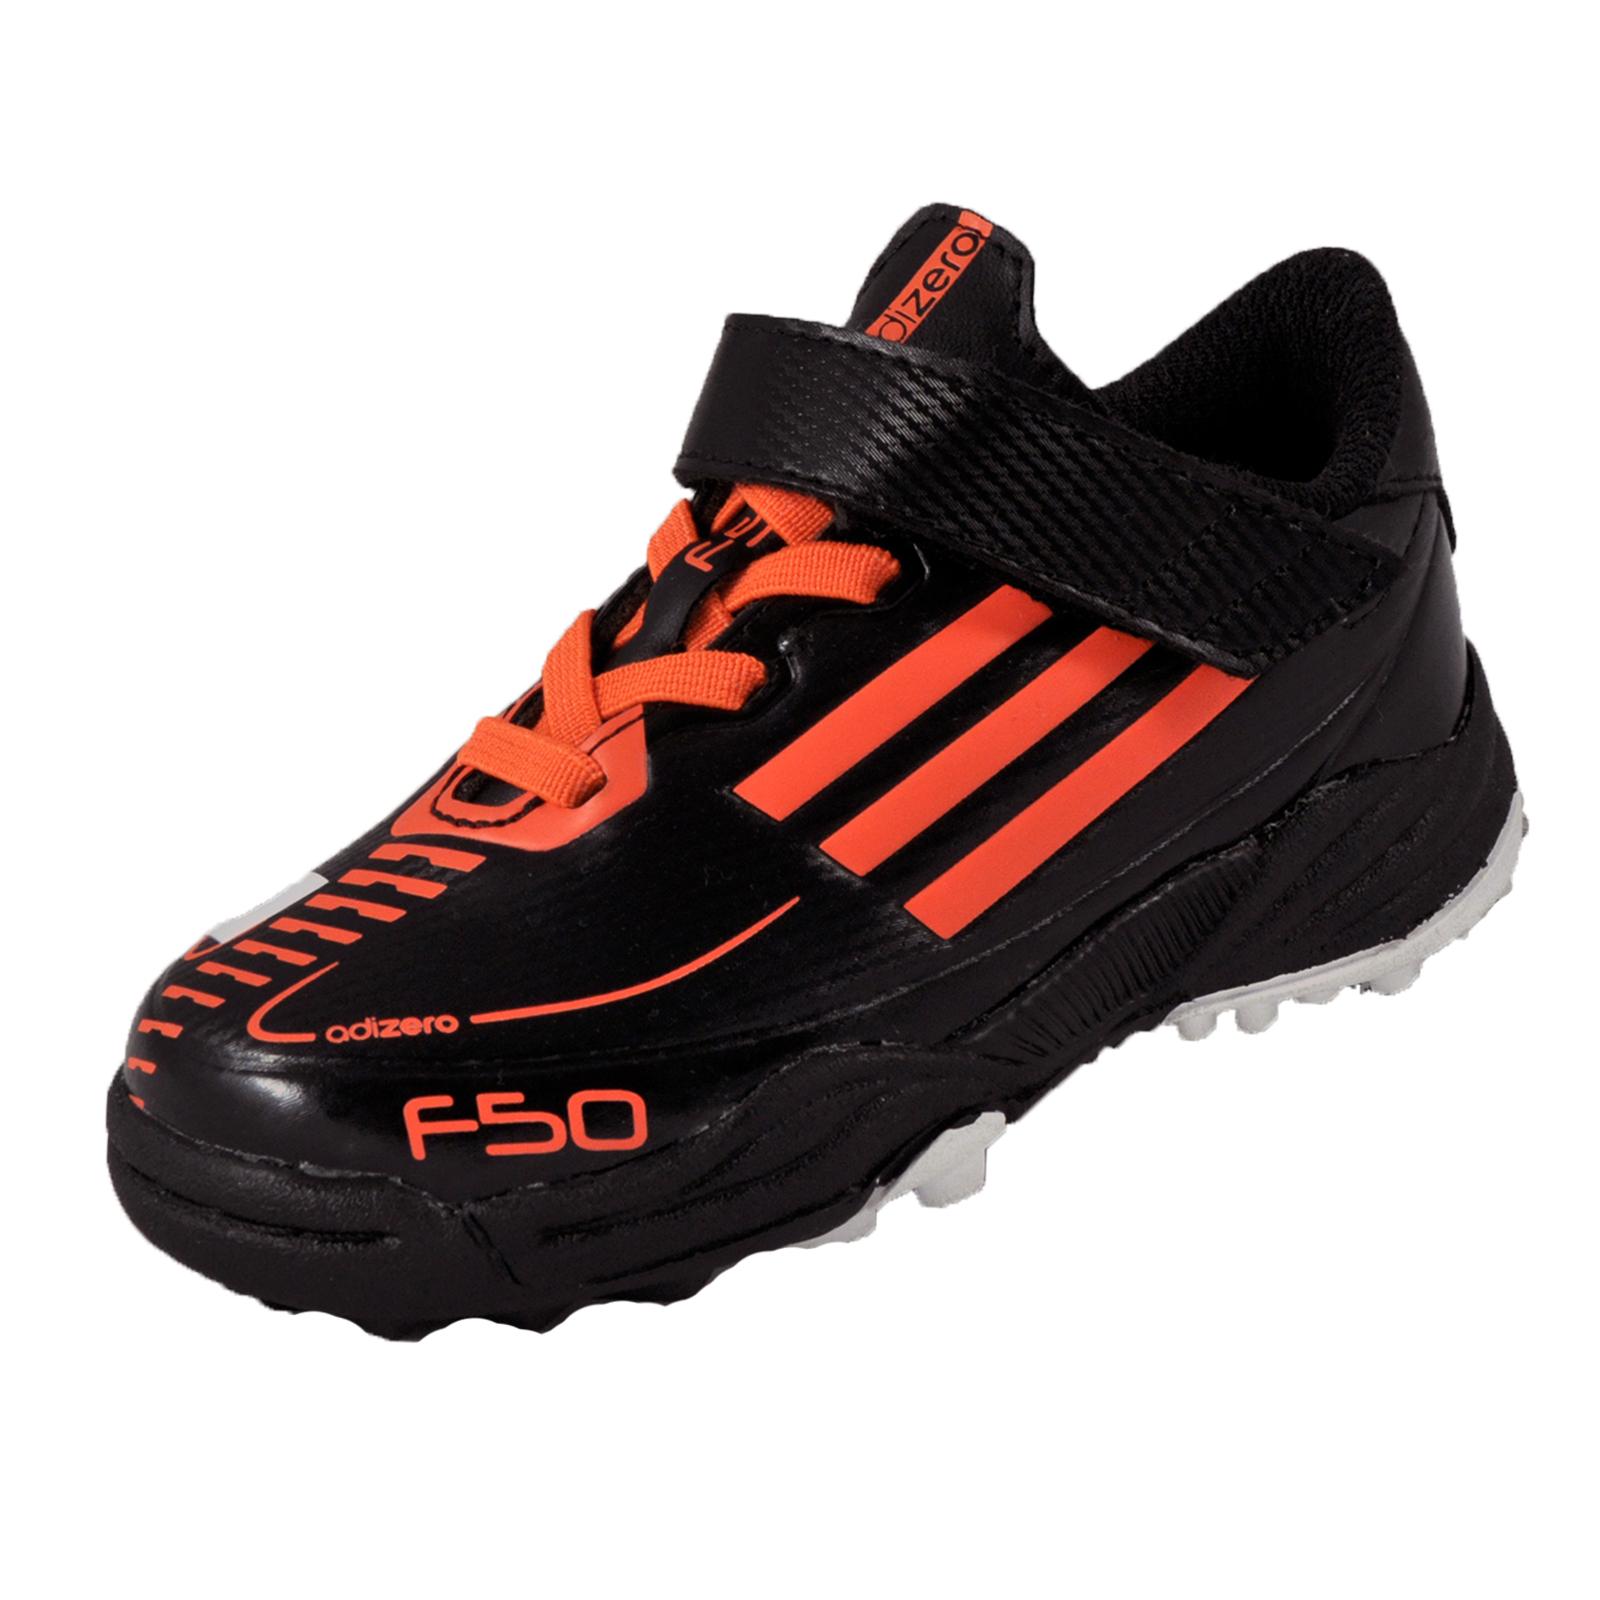 brand new f5b91 a236b adidas f50 adizero kids